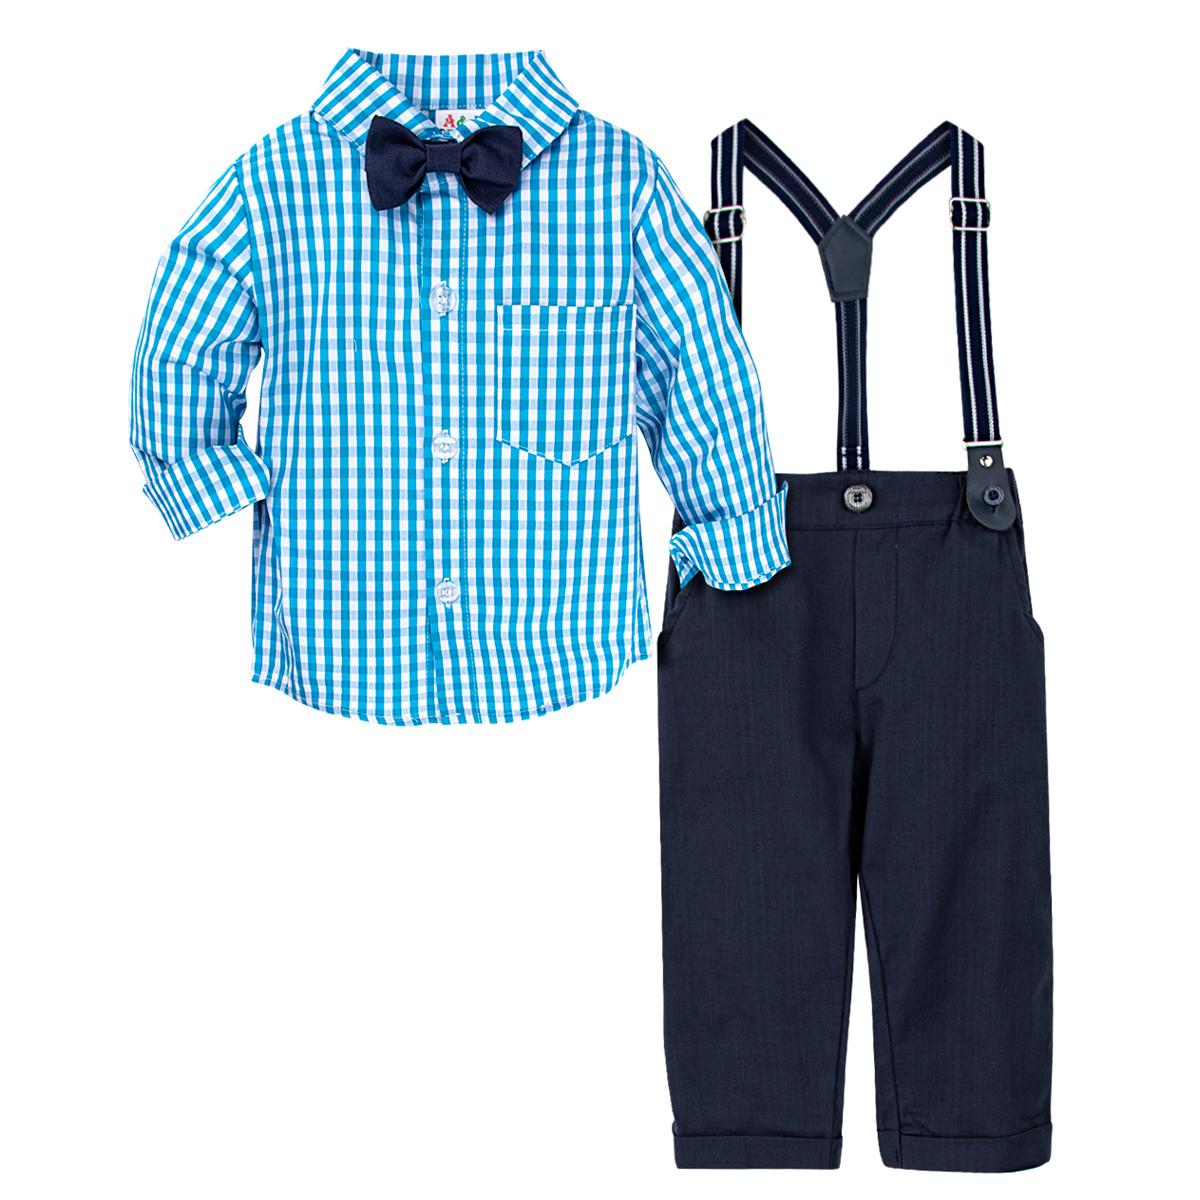 Bambino di nozze vestito carino per bambini Gentleman formali che coprono l'insieme del regalo della festa di compleanno del bambino vestito shirt pantaloni Tute